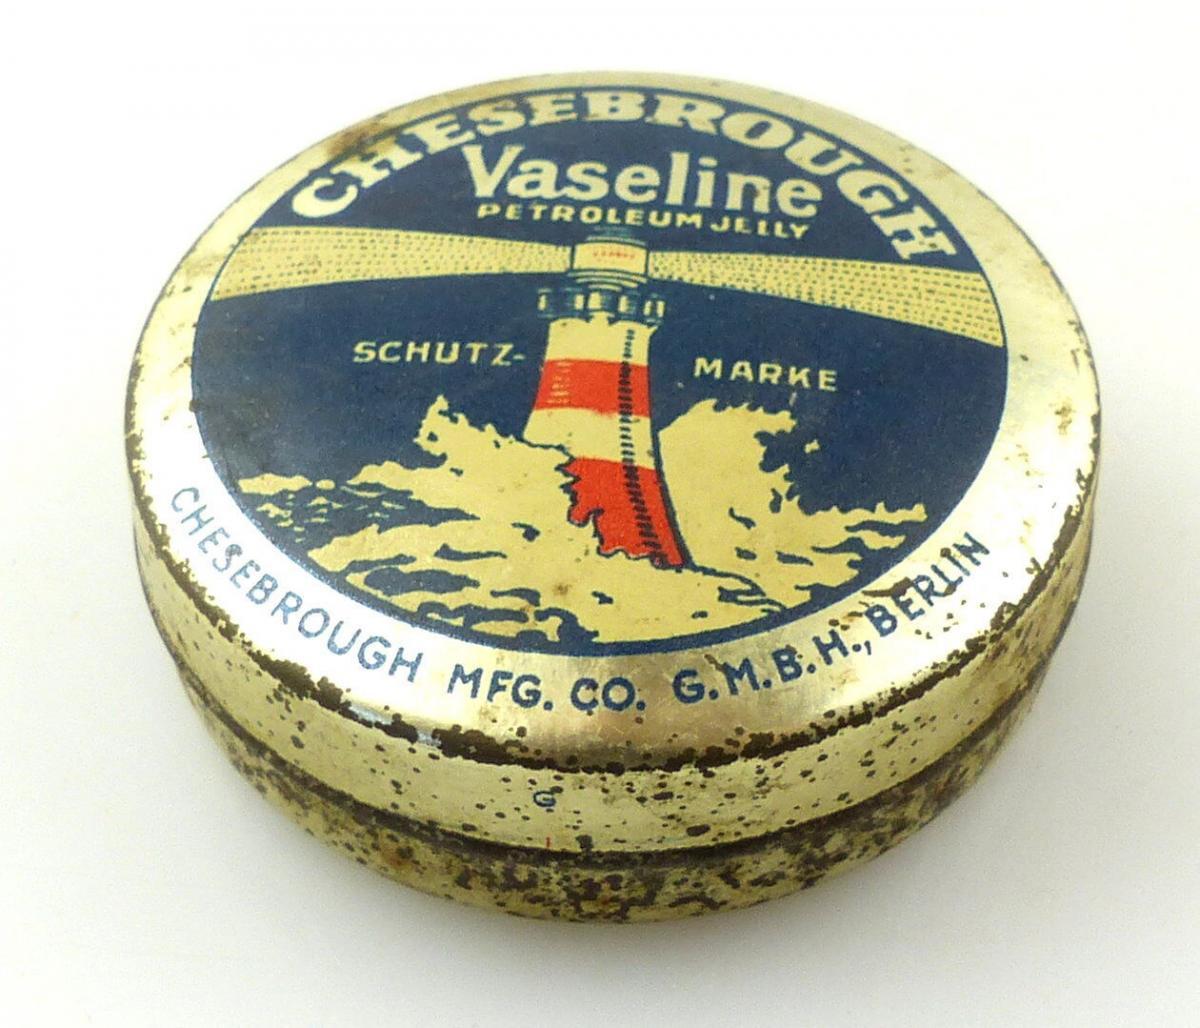 #e8254 Original alte Blechdose Chesebrough Vaseline Petroleum Jeily um 1920